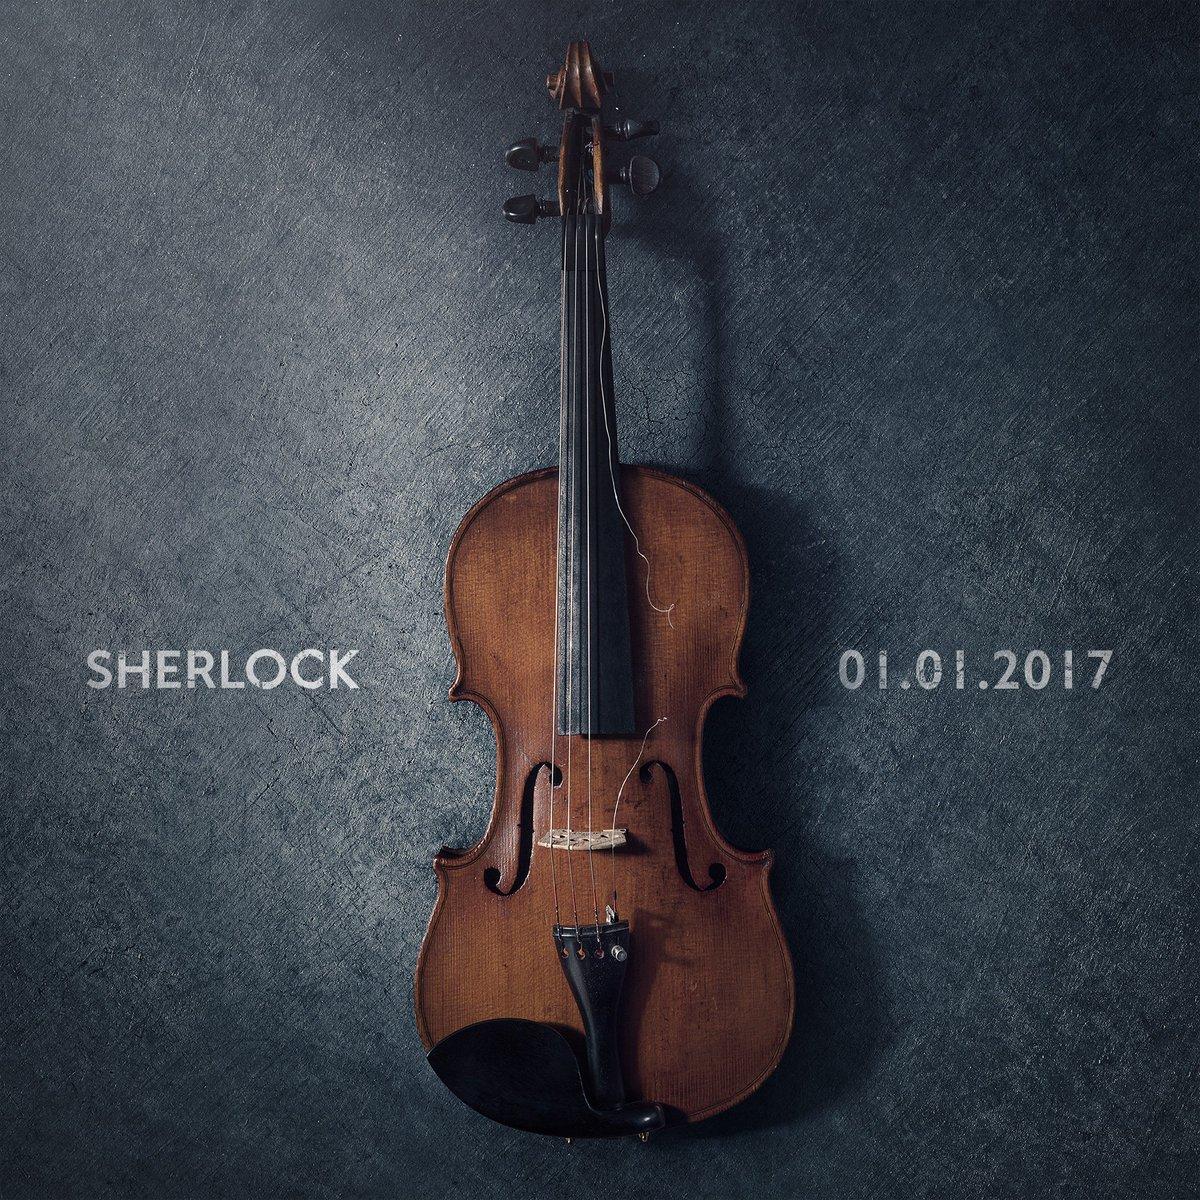 Sherlock et le violon de mauvais augure